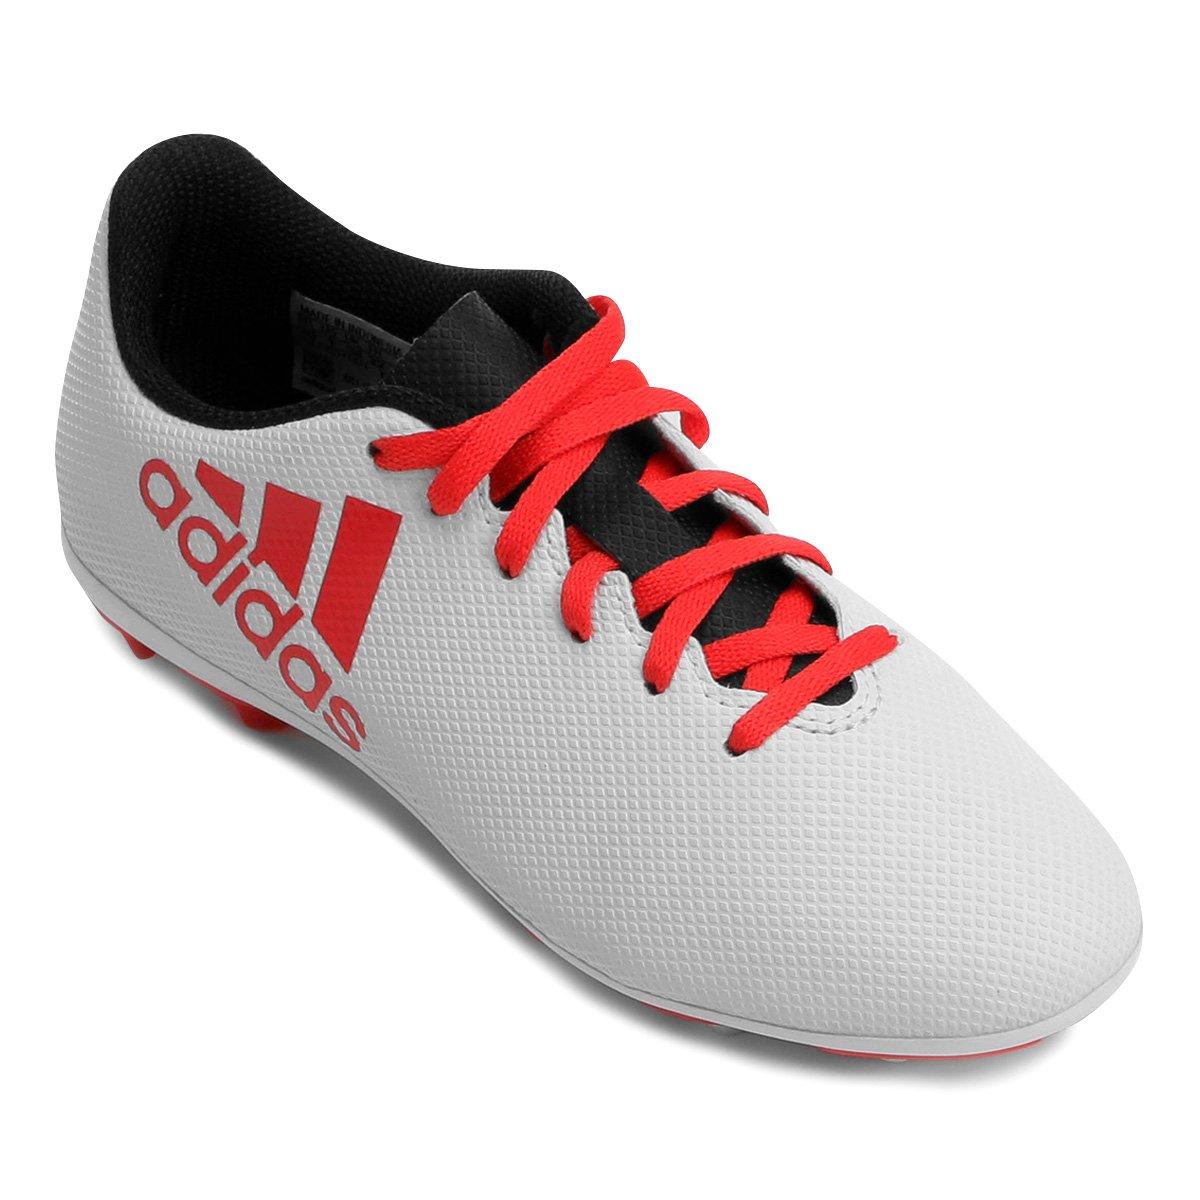 d97d4fed86 Chuteira Campo Infantil Adidas X 17 4 FXG - Branco e Vermelho ...